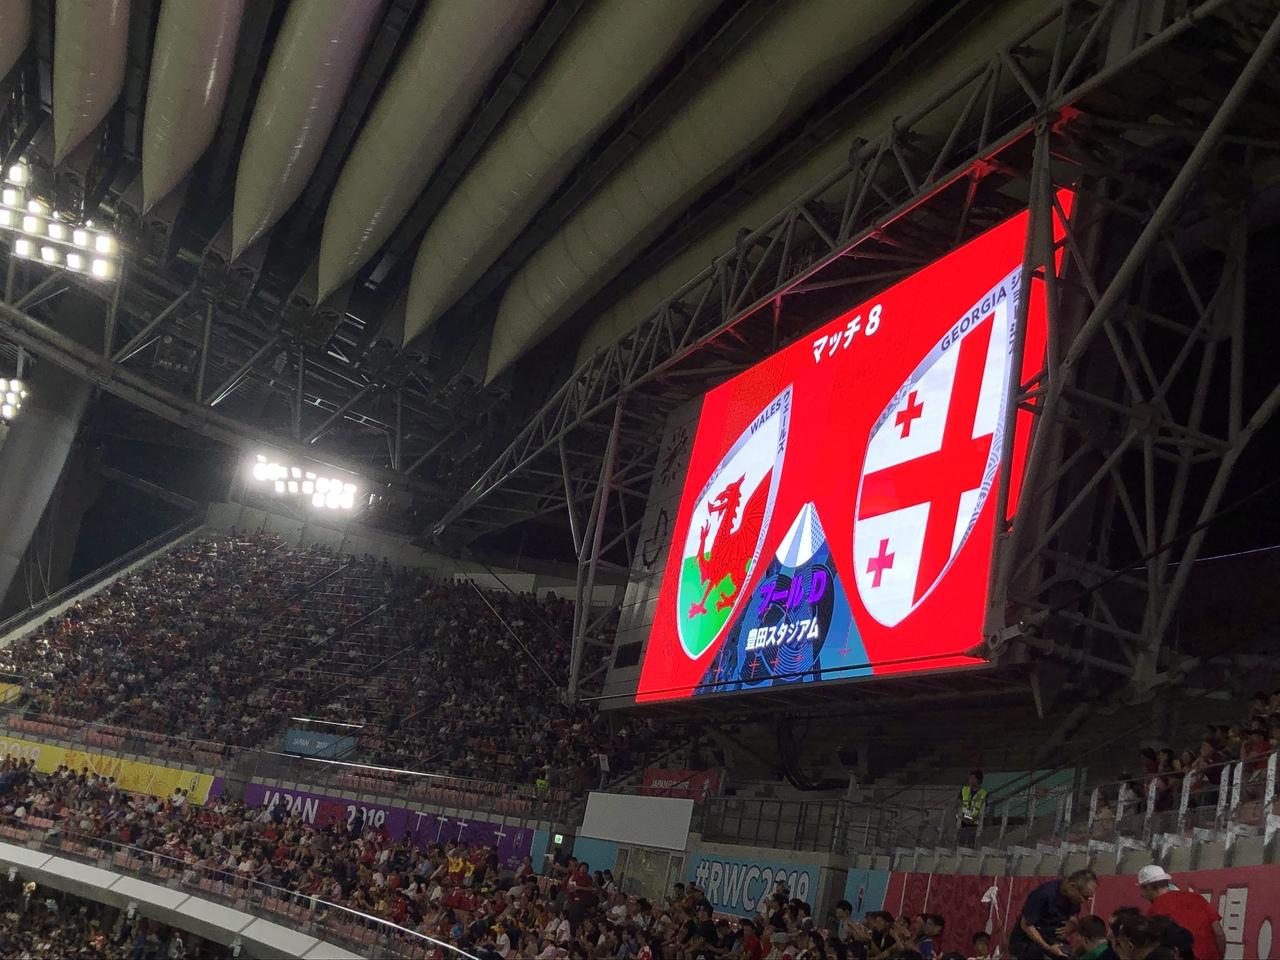 ラグビー ワールド カップ 豊田 スタジアム チケット